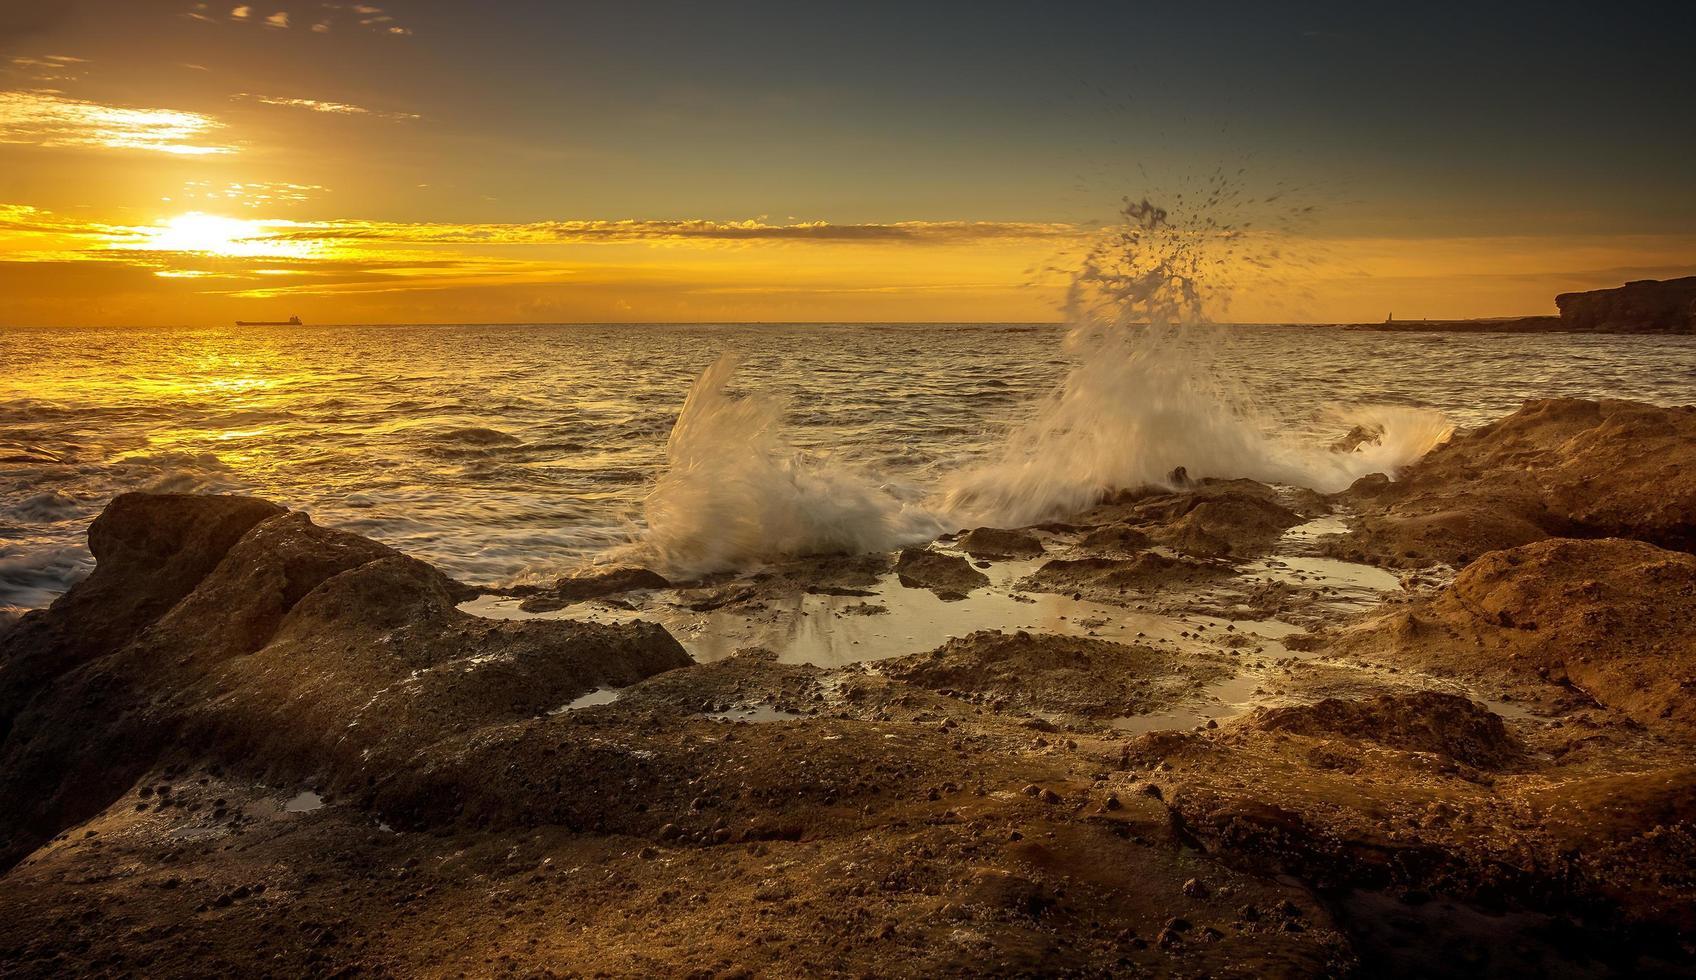 oceaan golven op rotsachtige kust foto